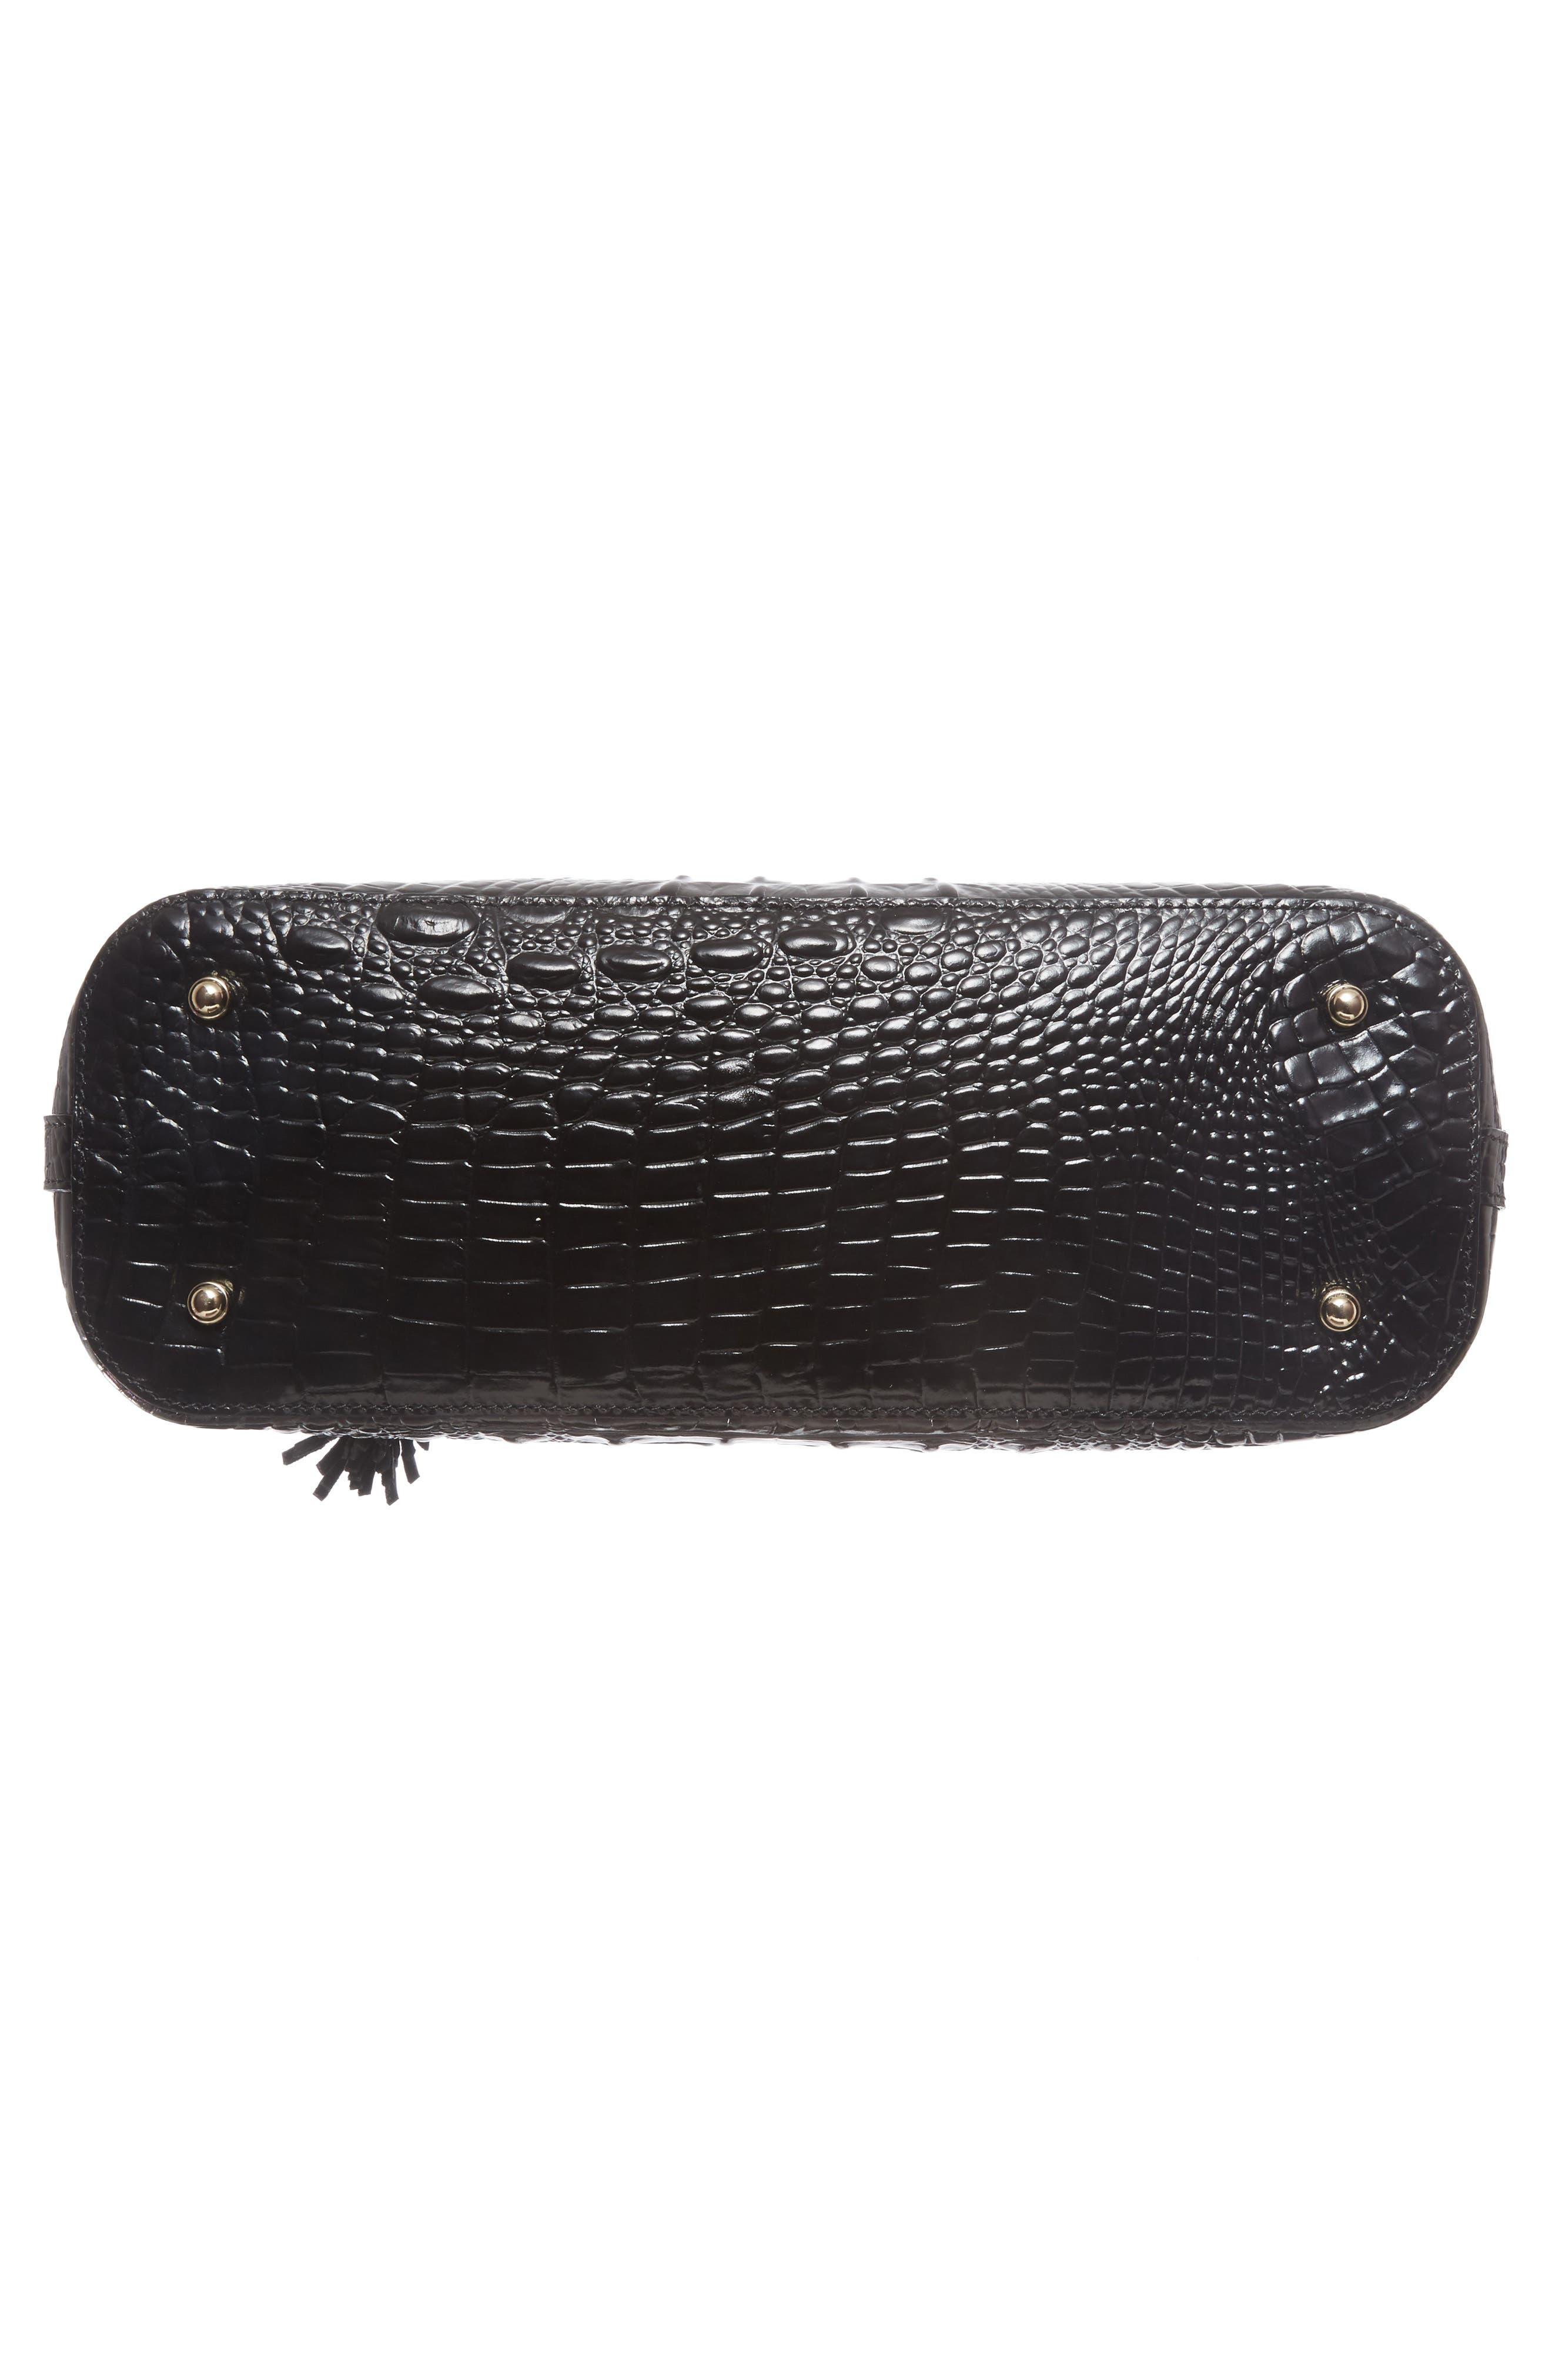 BRAHMIN, Melbourne Mini Asher Leather Tote, Alternate thumbnail 7, color, BLACK